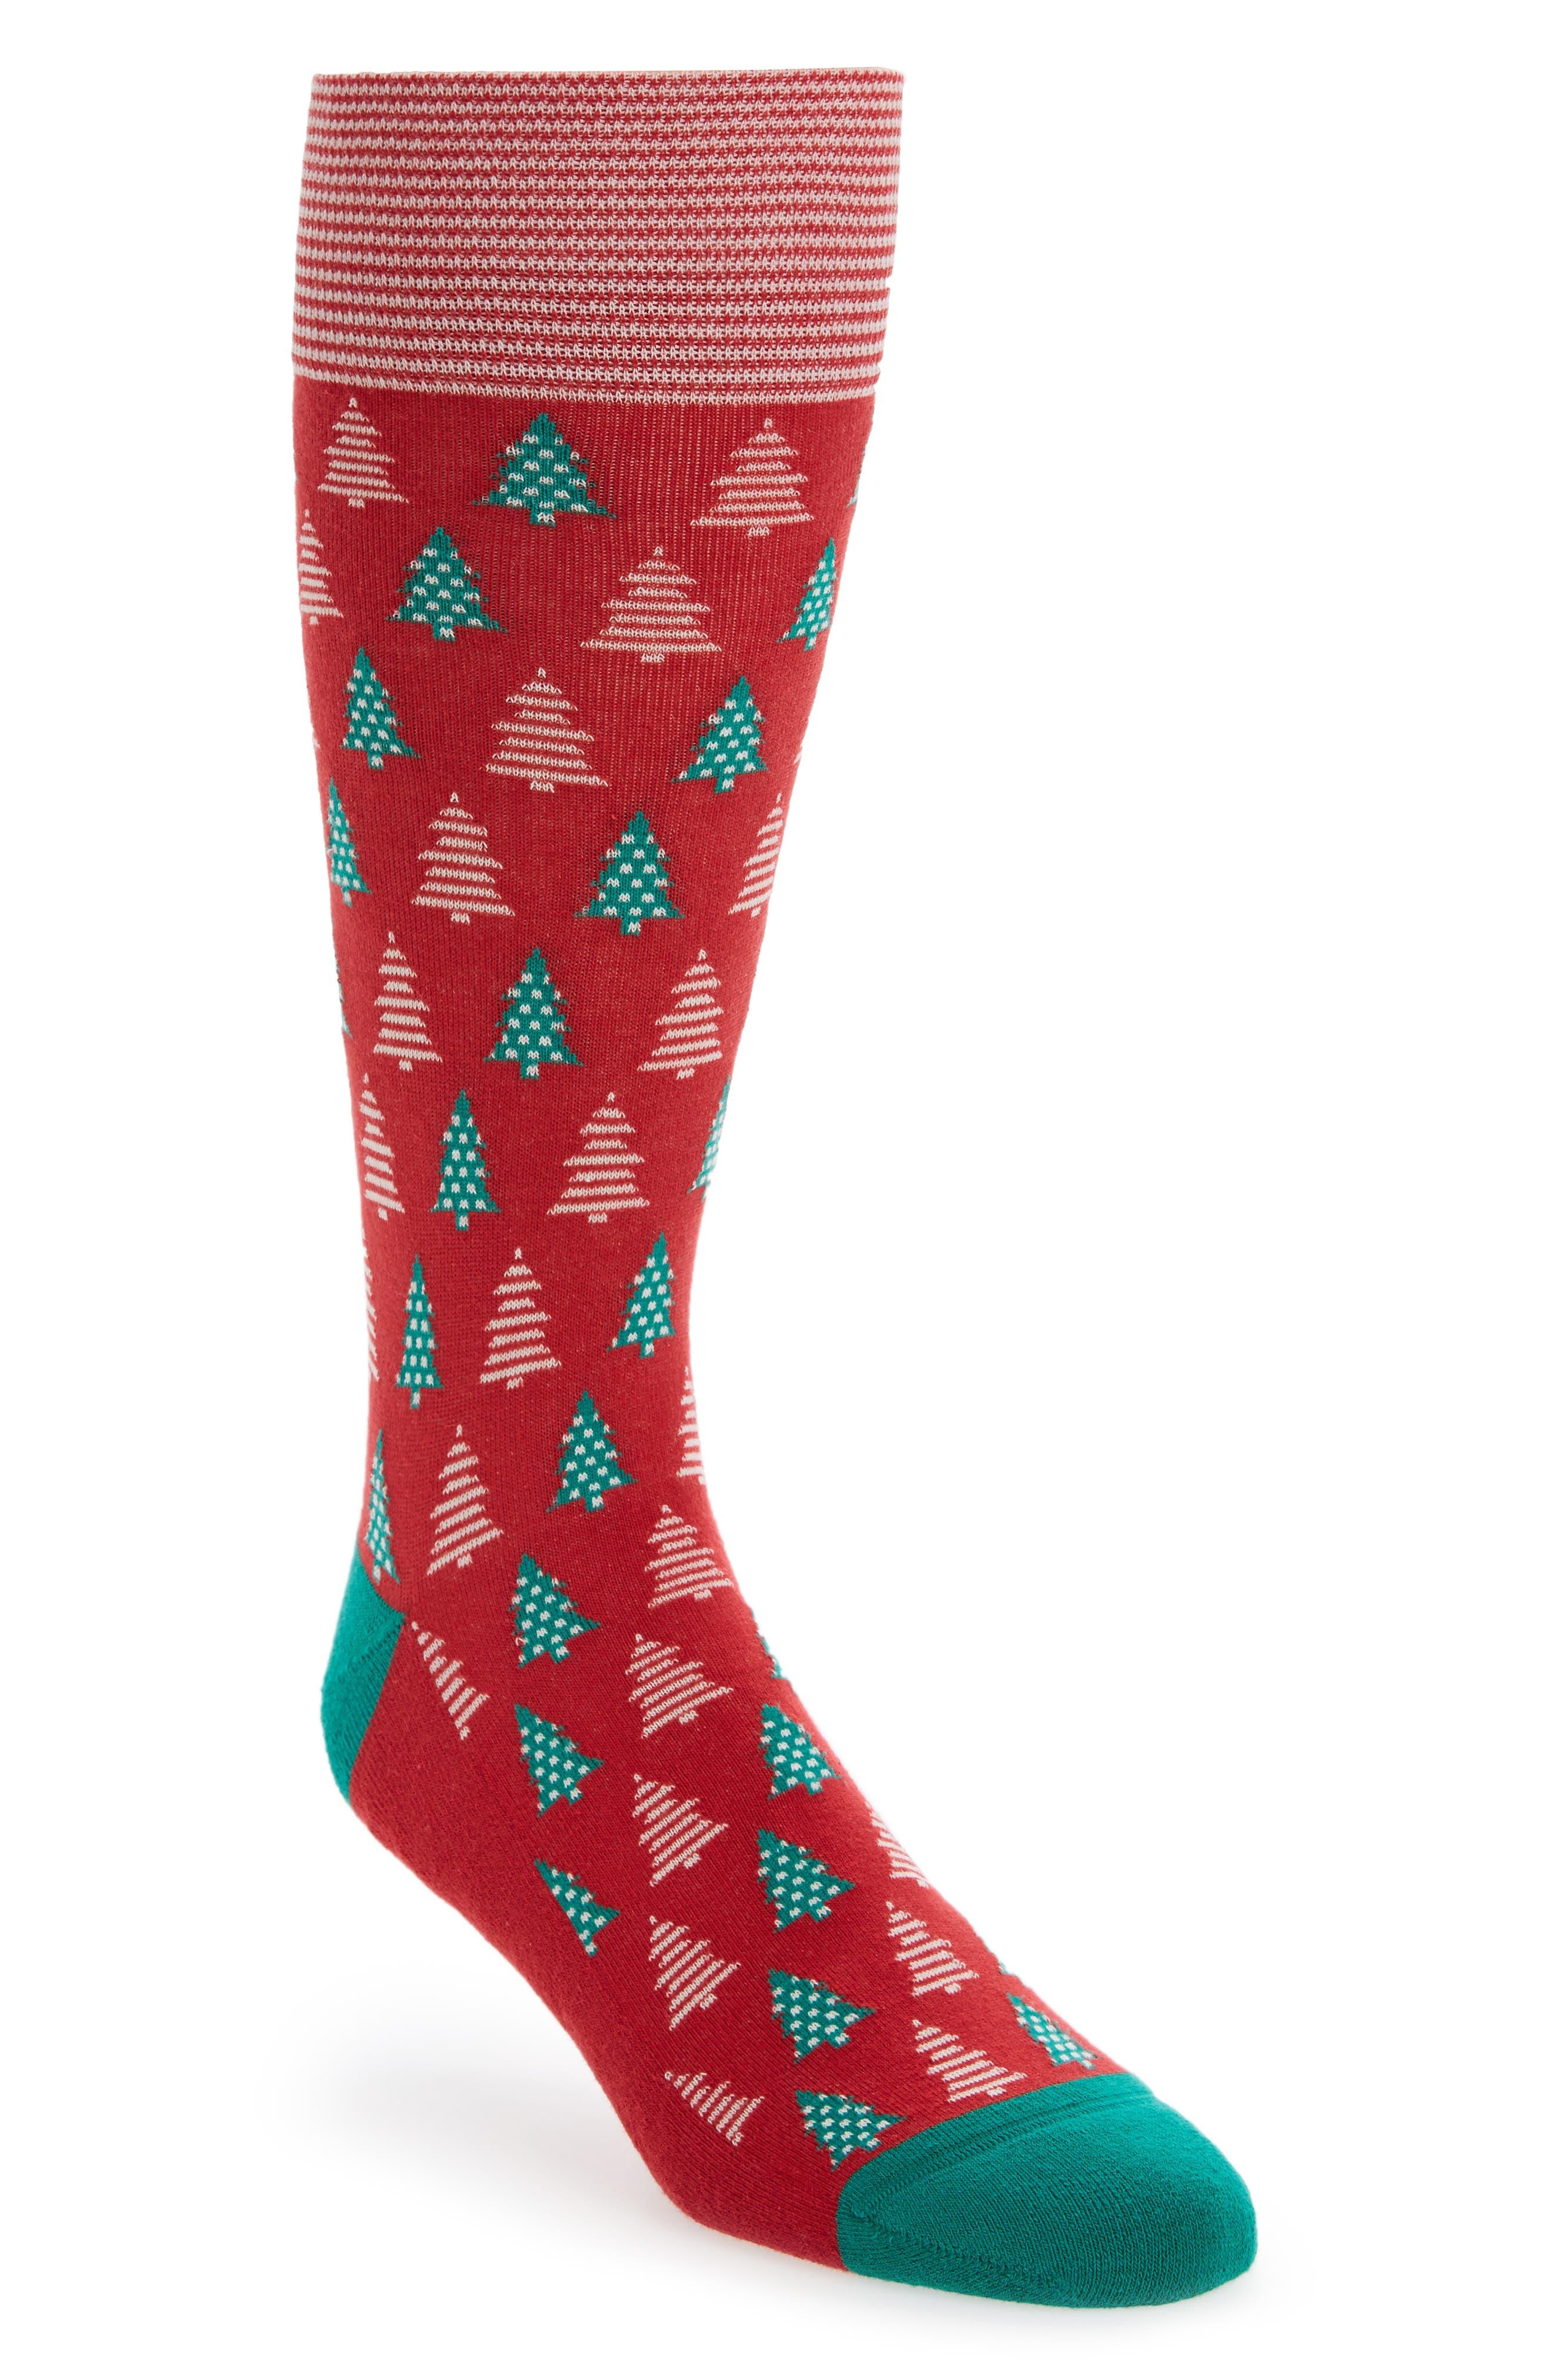 Nordstrom Men's Shop Holiday Trees Socks